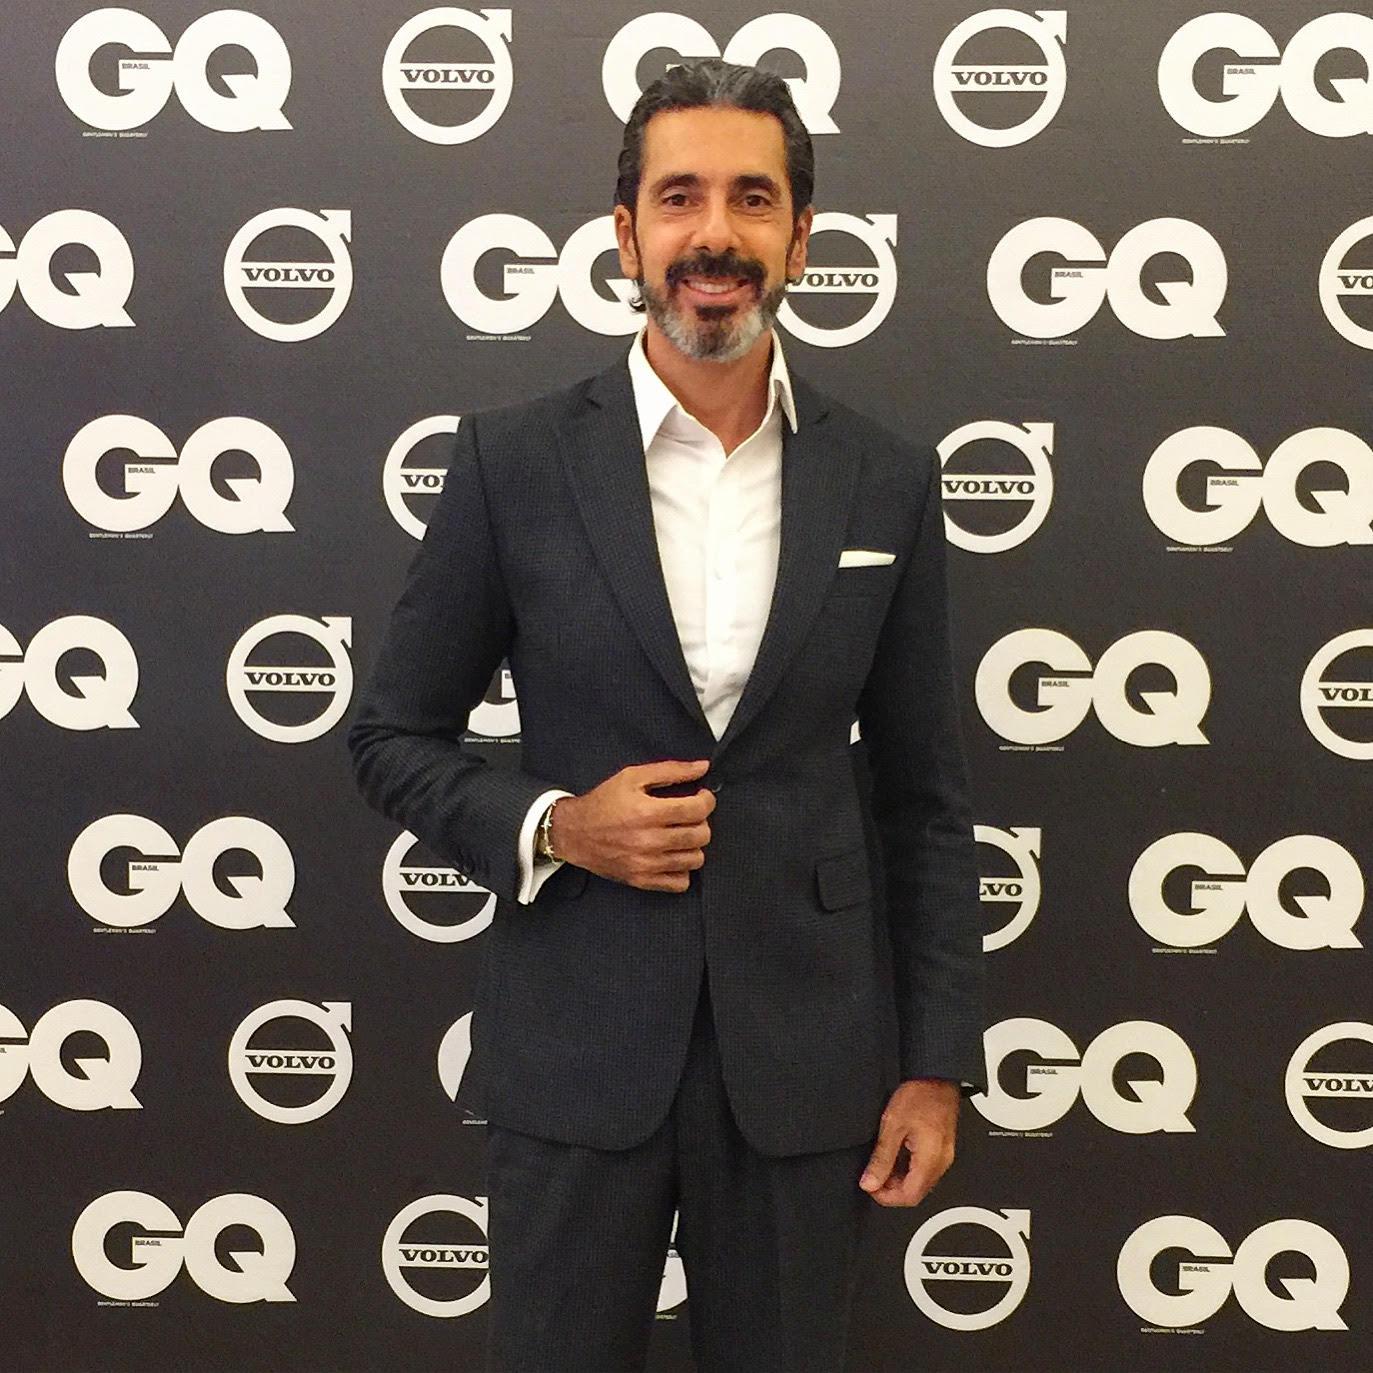 taleb - Lista GQ: os 25 homens mais elegantes do Brasil